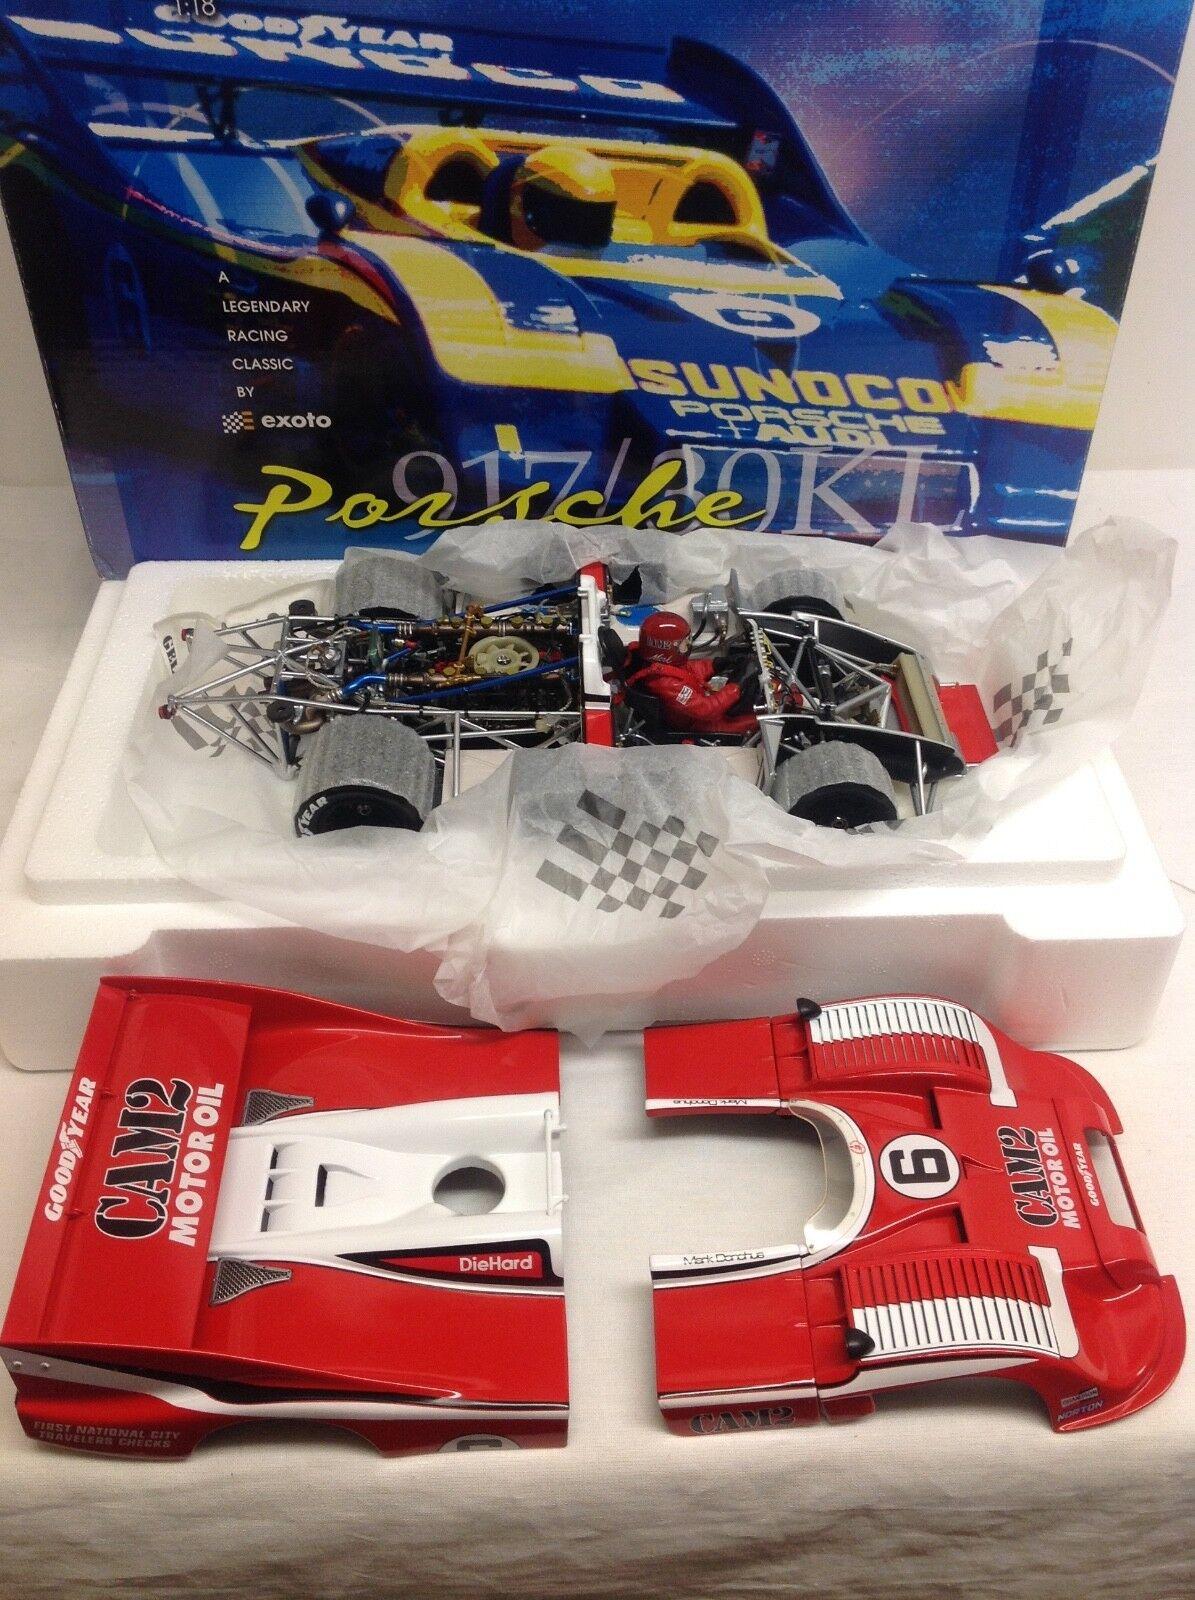 ventas en línea de venta Exoto Porsche 917 30 cam cam cam 2  6 1975 1 18 nuevo Mark Donohue 18184 Sunoco Can Am  edición limitada